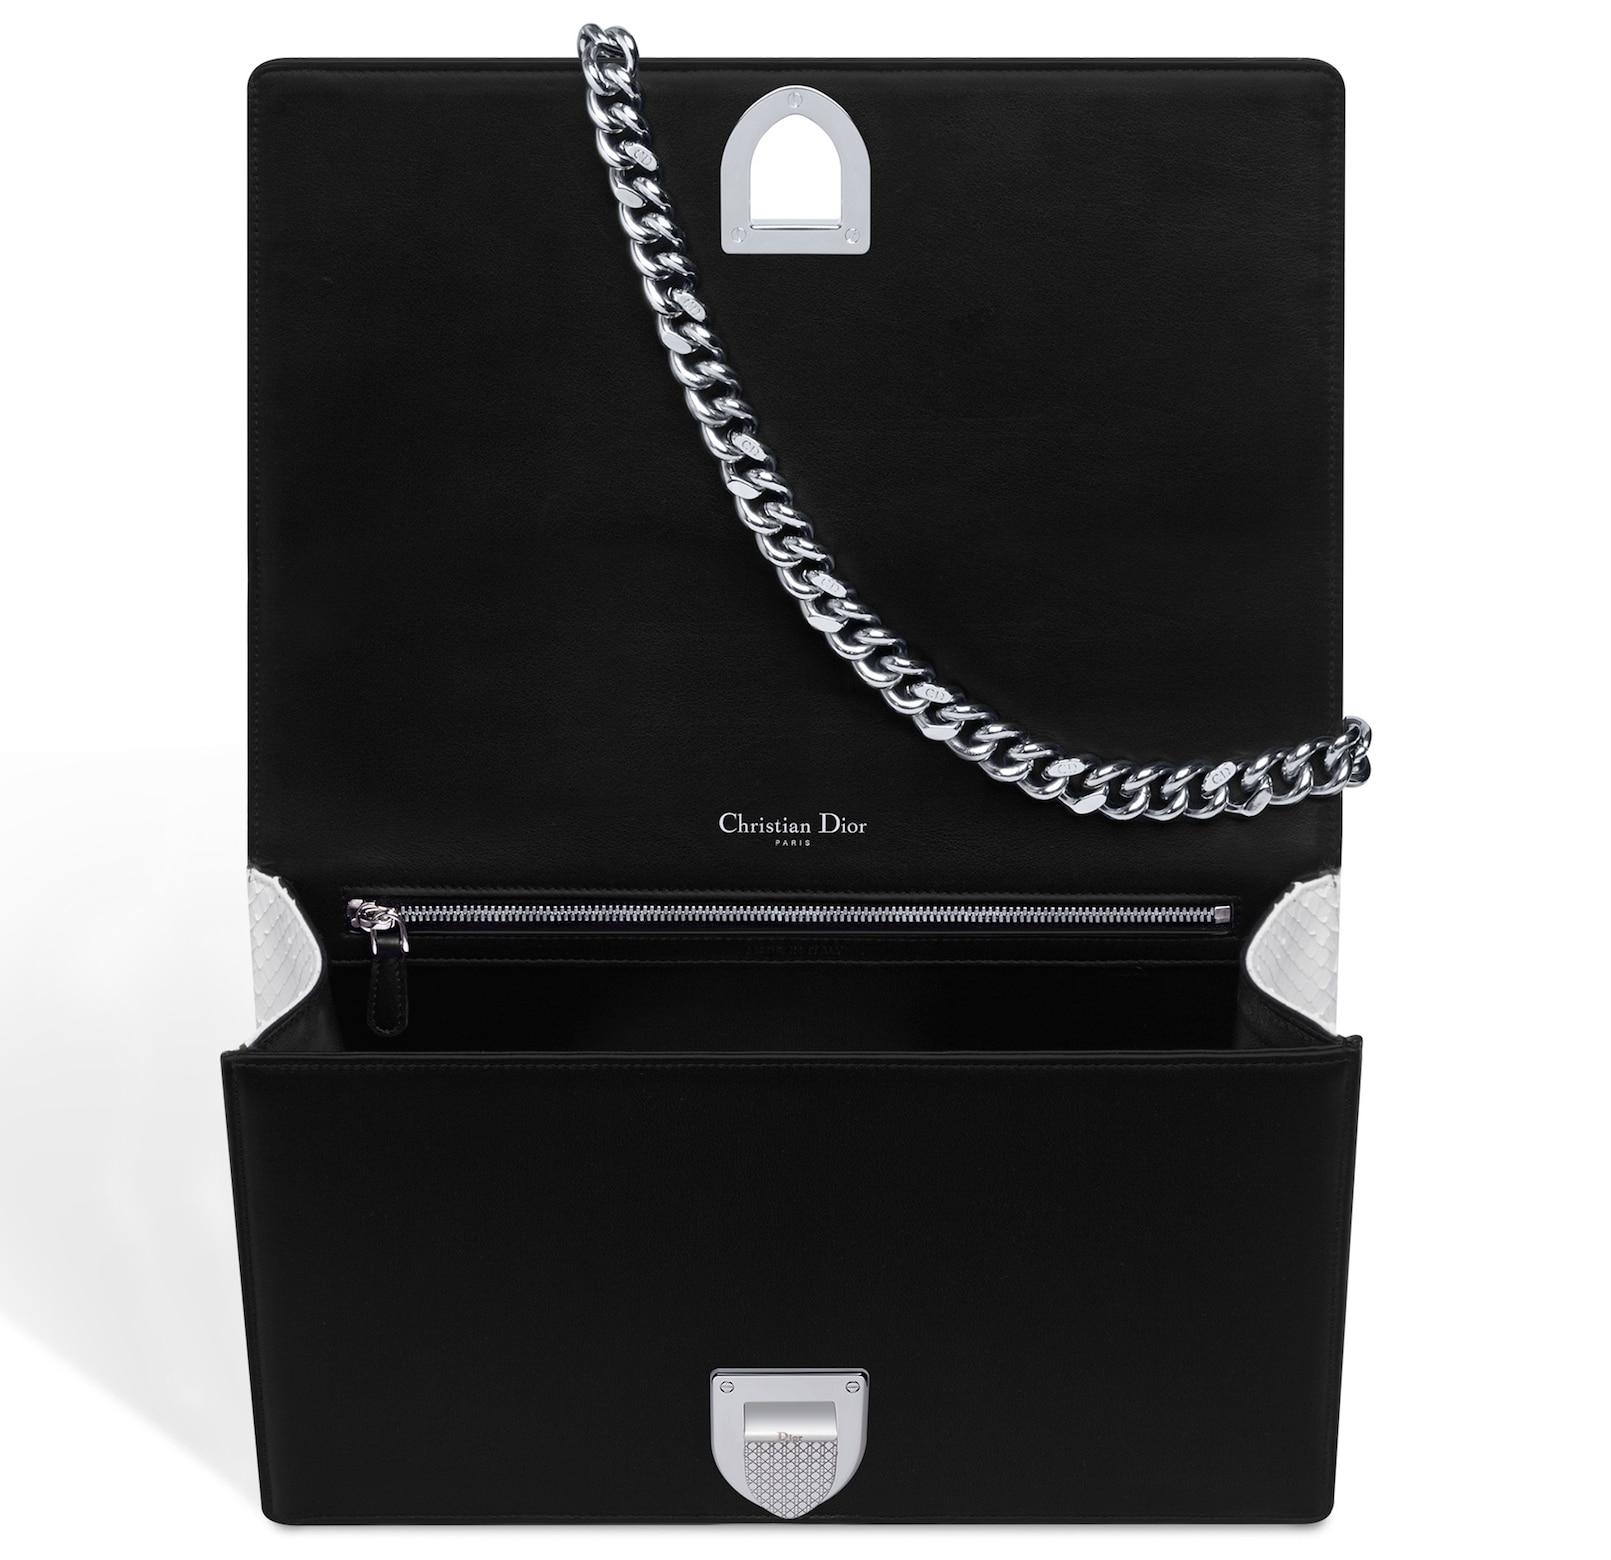 a54fecb10bcb Dior Diorama Flap Bag Reference Guide